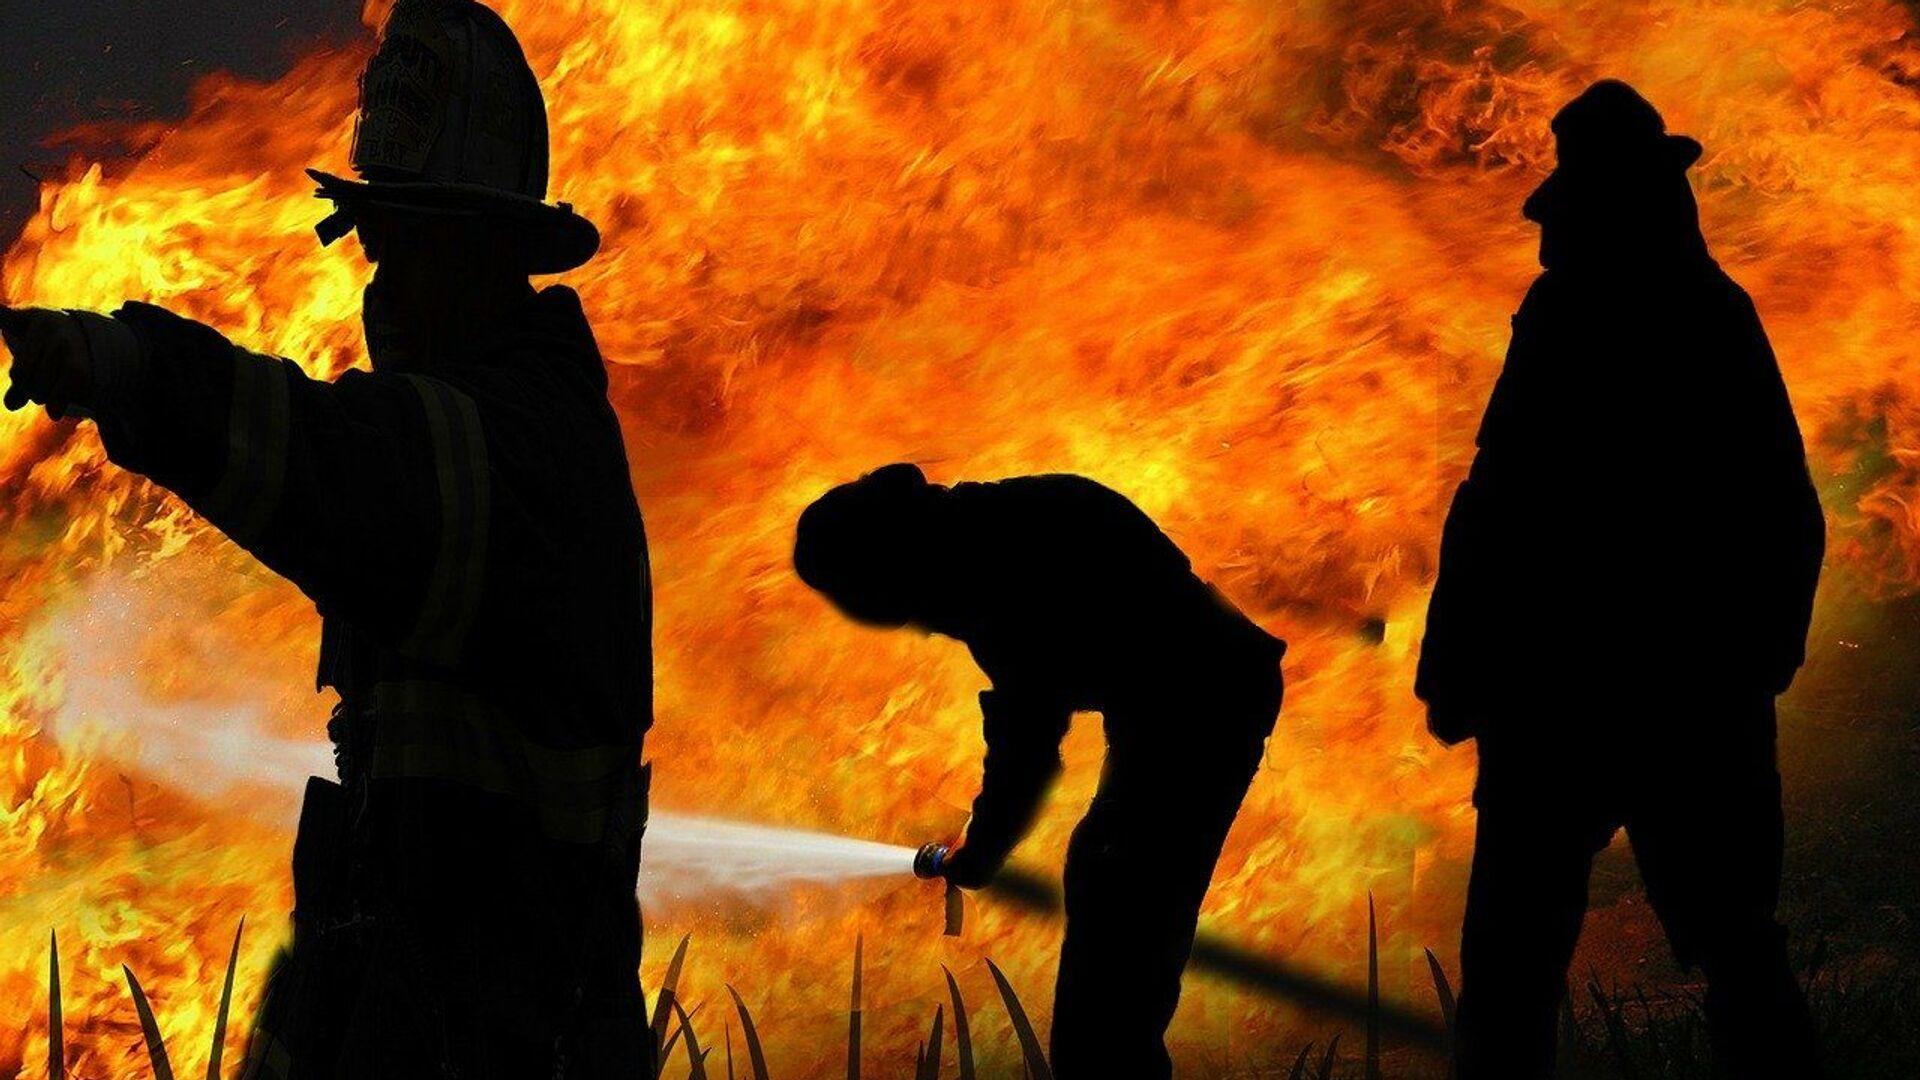 Пожарные тушат огонь, архивное фото - Sputnik Таджикистан, 1920, 01.09.2021